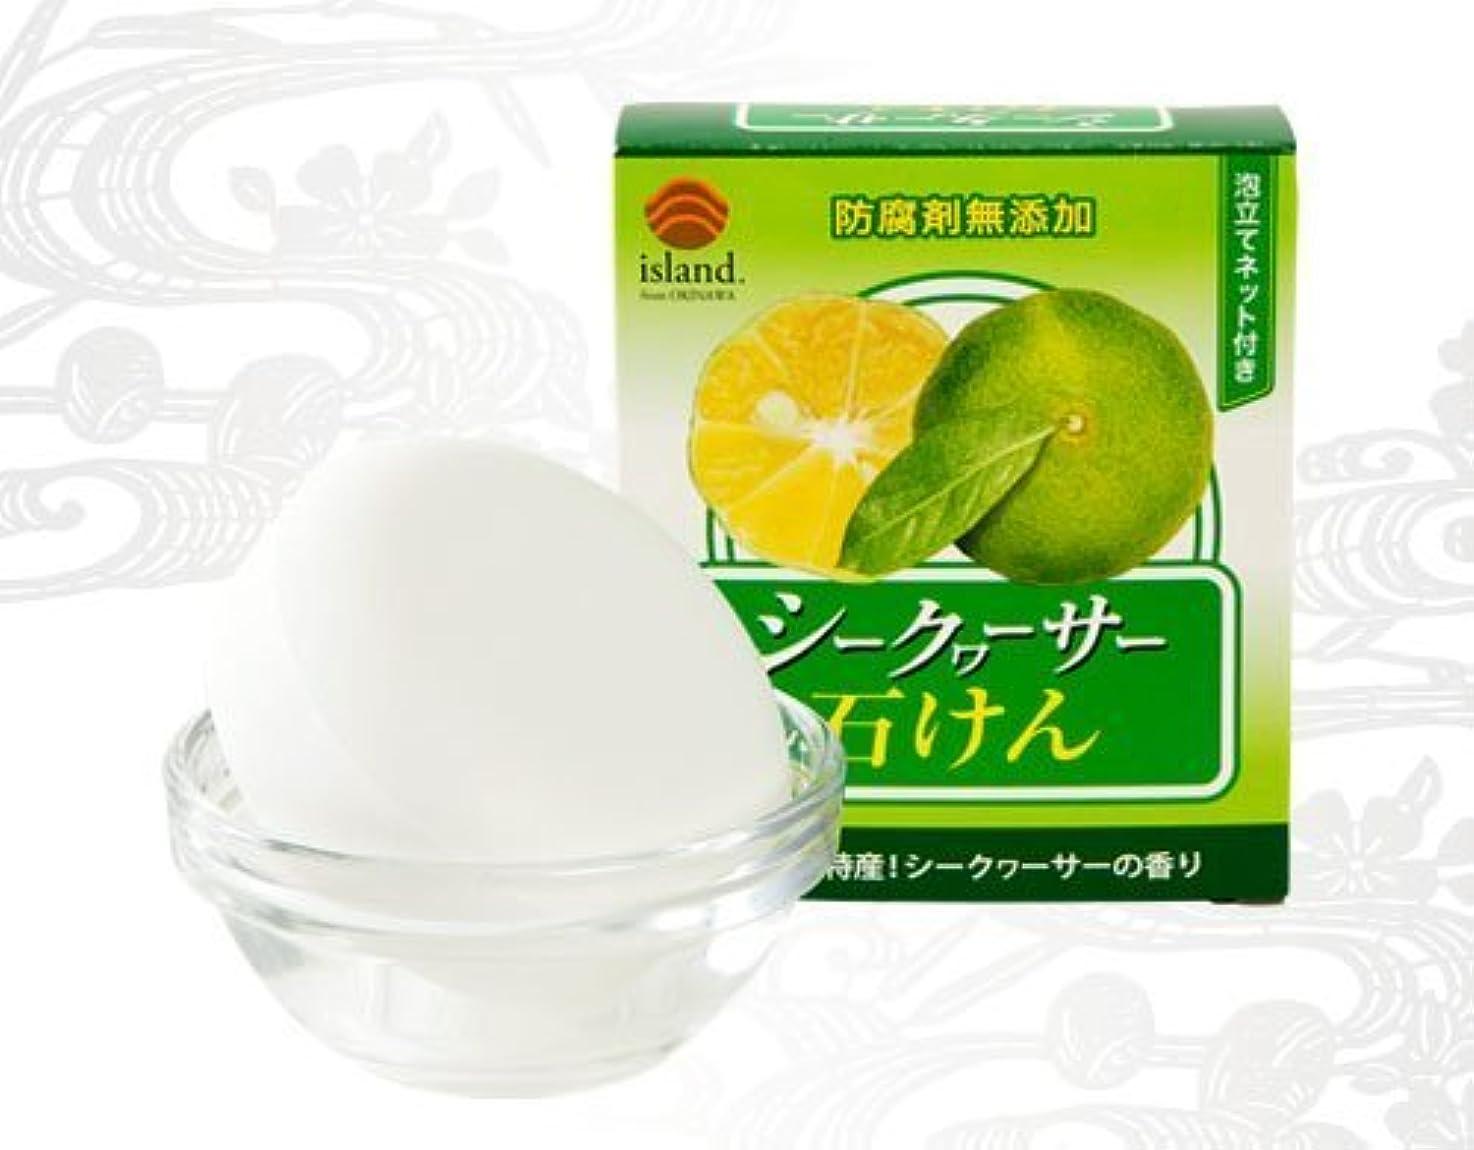 保護する野心的提供シークヮーサー石けん 90g×30個 アイランド 天然「シークワーサーオイル」を石けんに配合 洗い上がりしっとり クリーミーな泡立ちが好評の無添加石けん